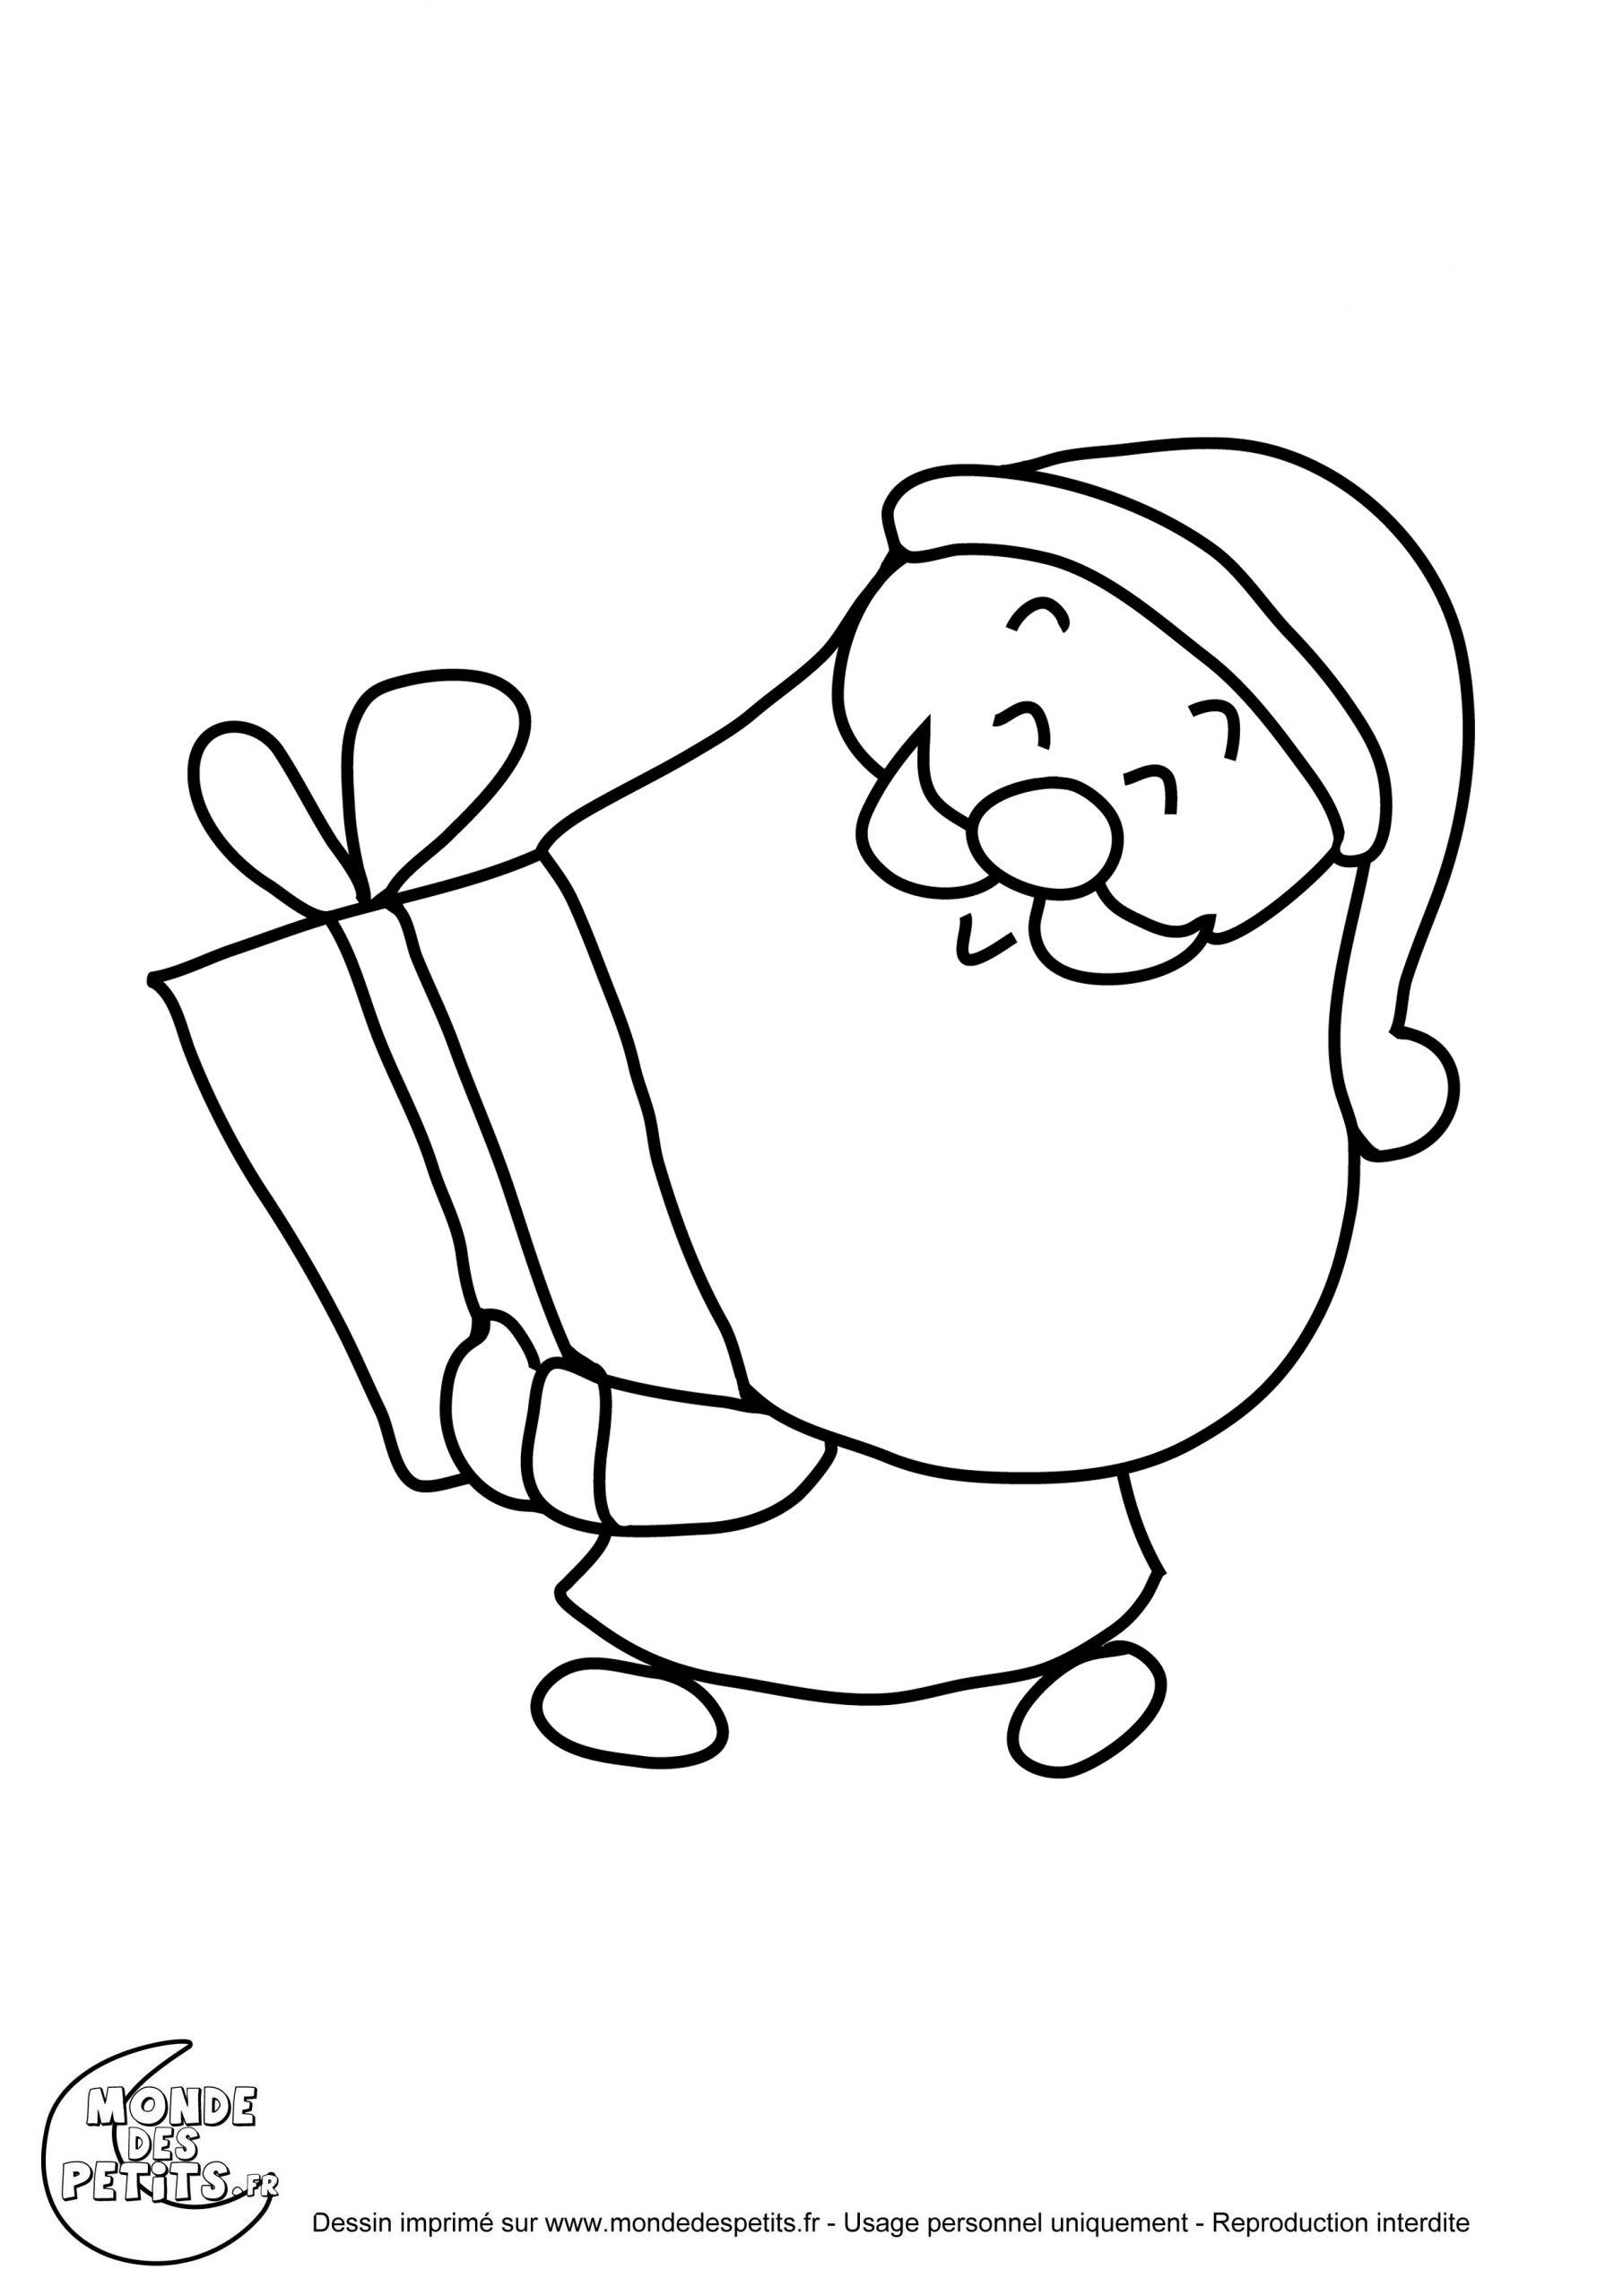 Monde Des Petits - Coloriages À Imprimer concernant Coloriage De Pere Noel A Imprimer Gratuitement